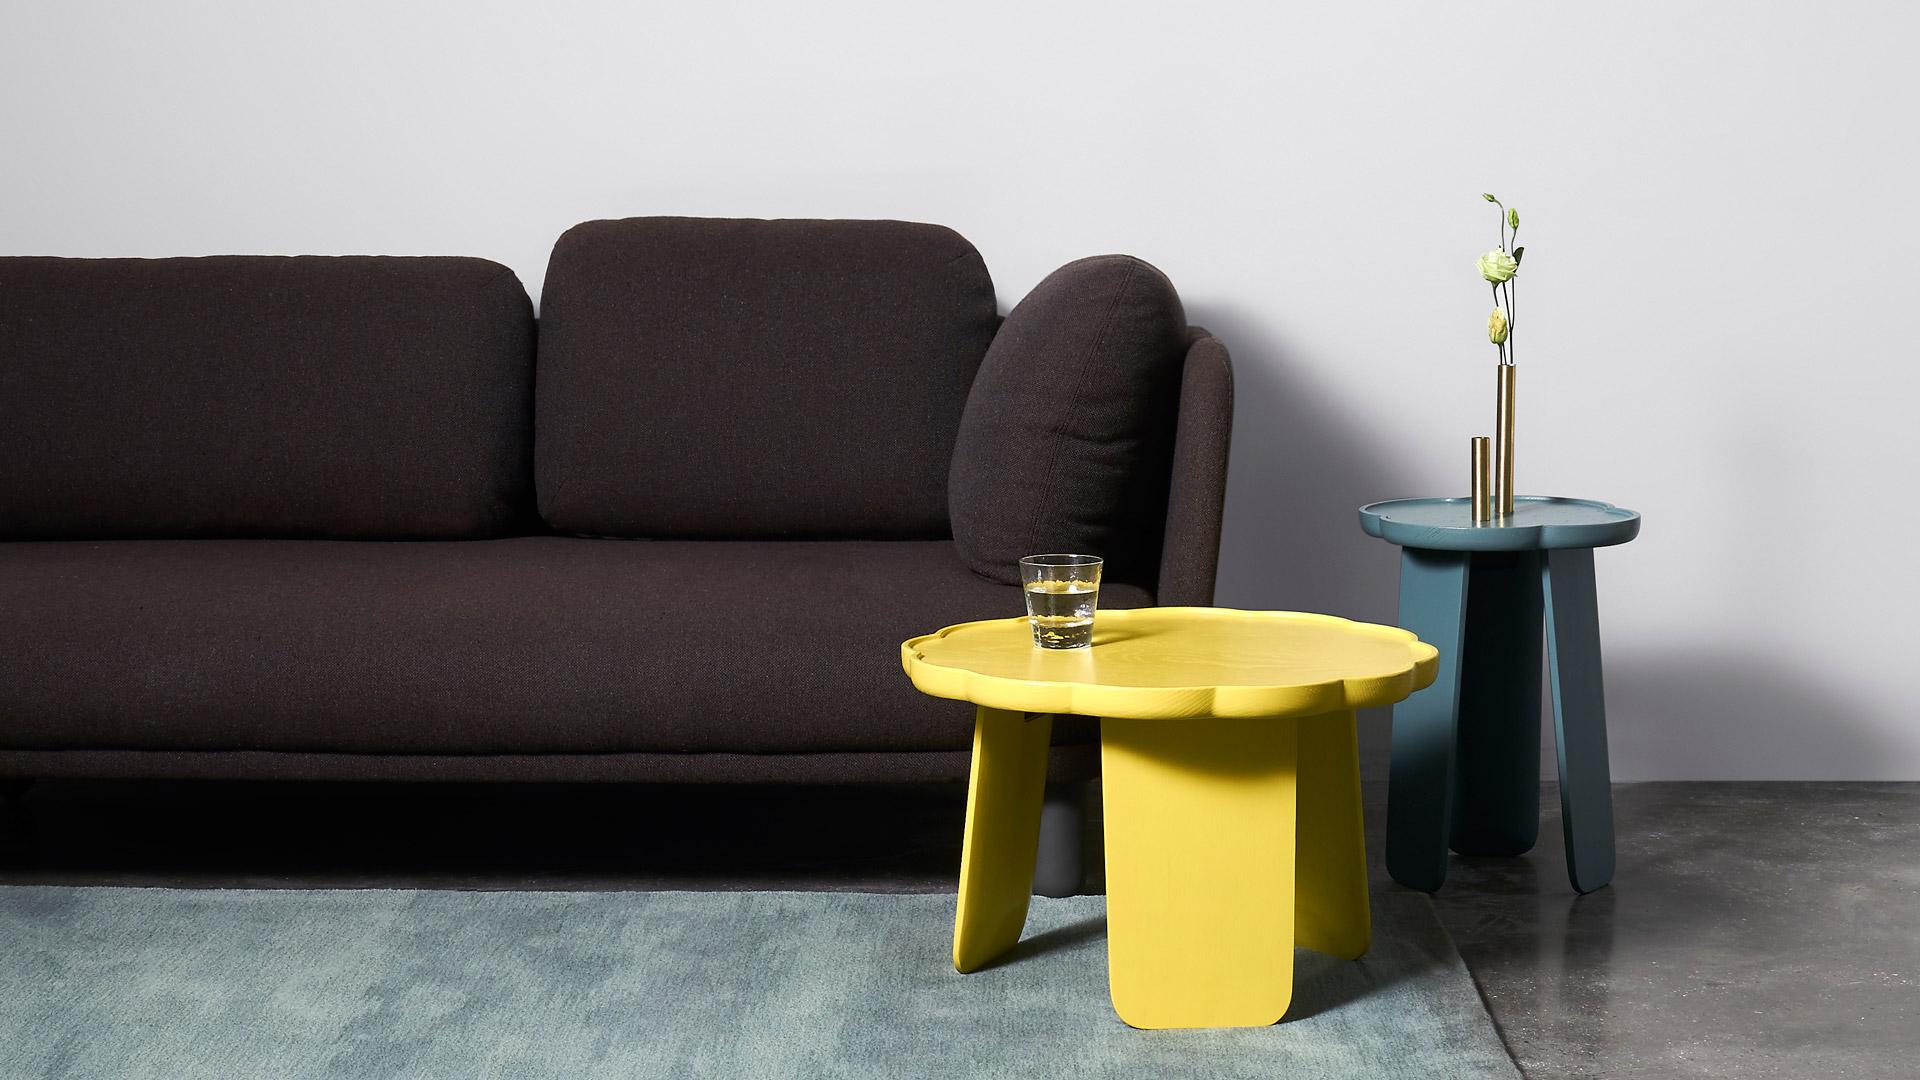 厌倦了平淡的客厅中心式茶几,不妨用高低两款亮色小桌错落混搭,为低调的中性色客厅缀一抹浪漫花香。